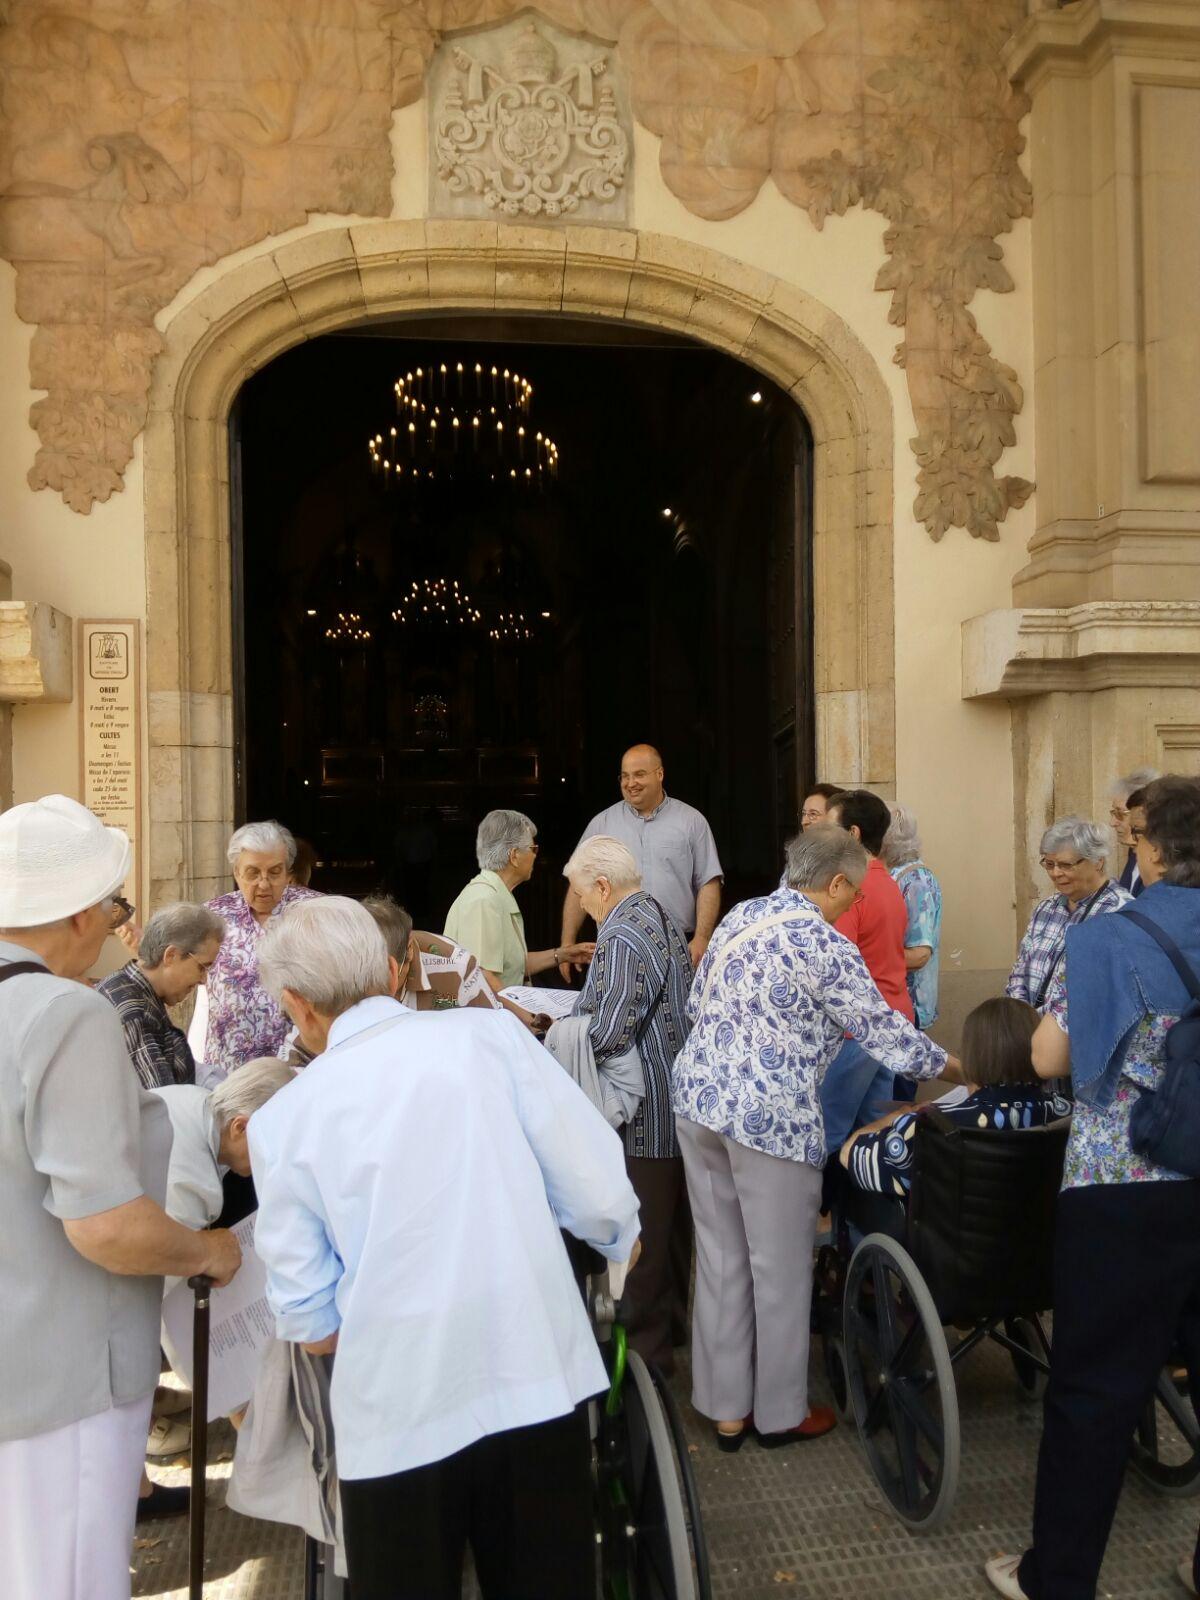 Peregrinacions al Santuari (9-6-2016)